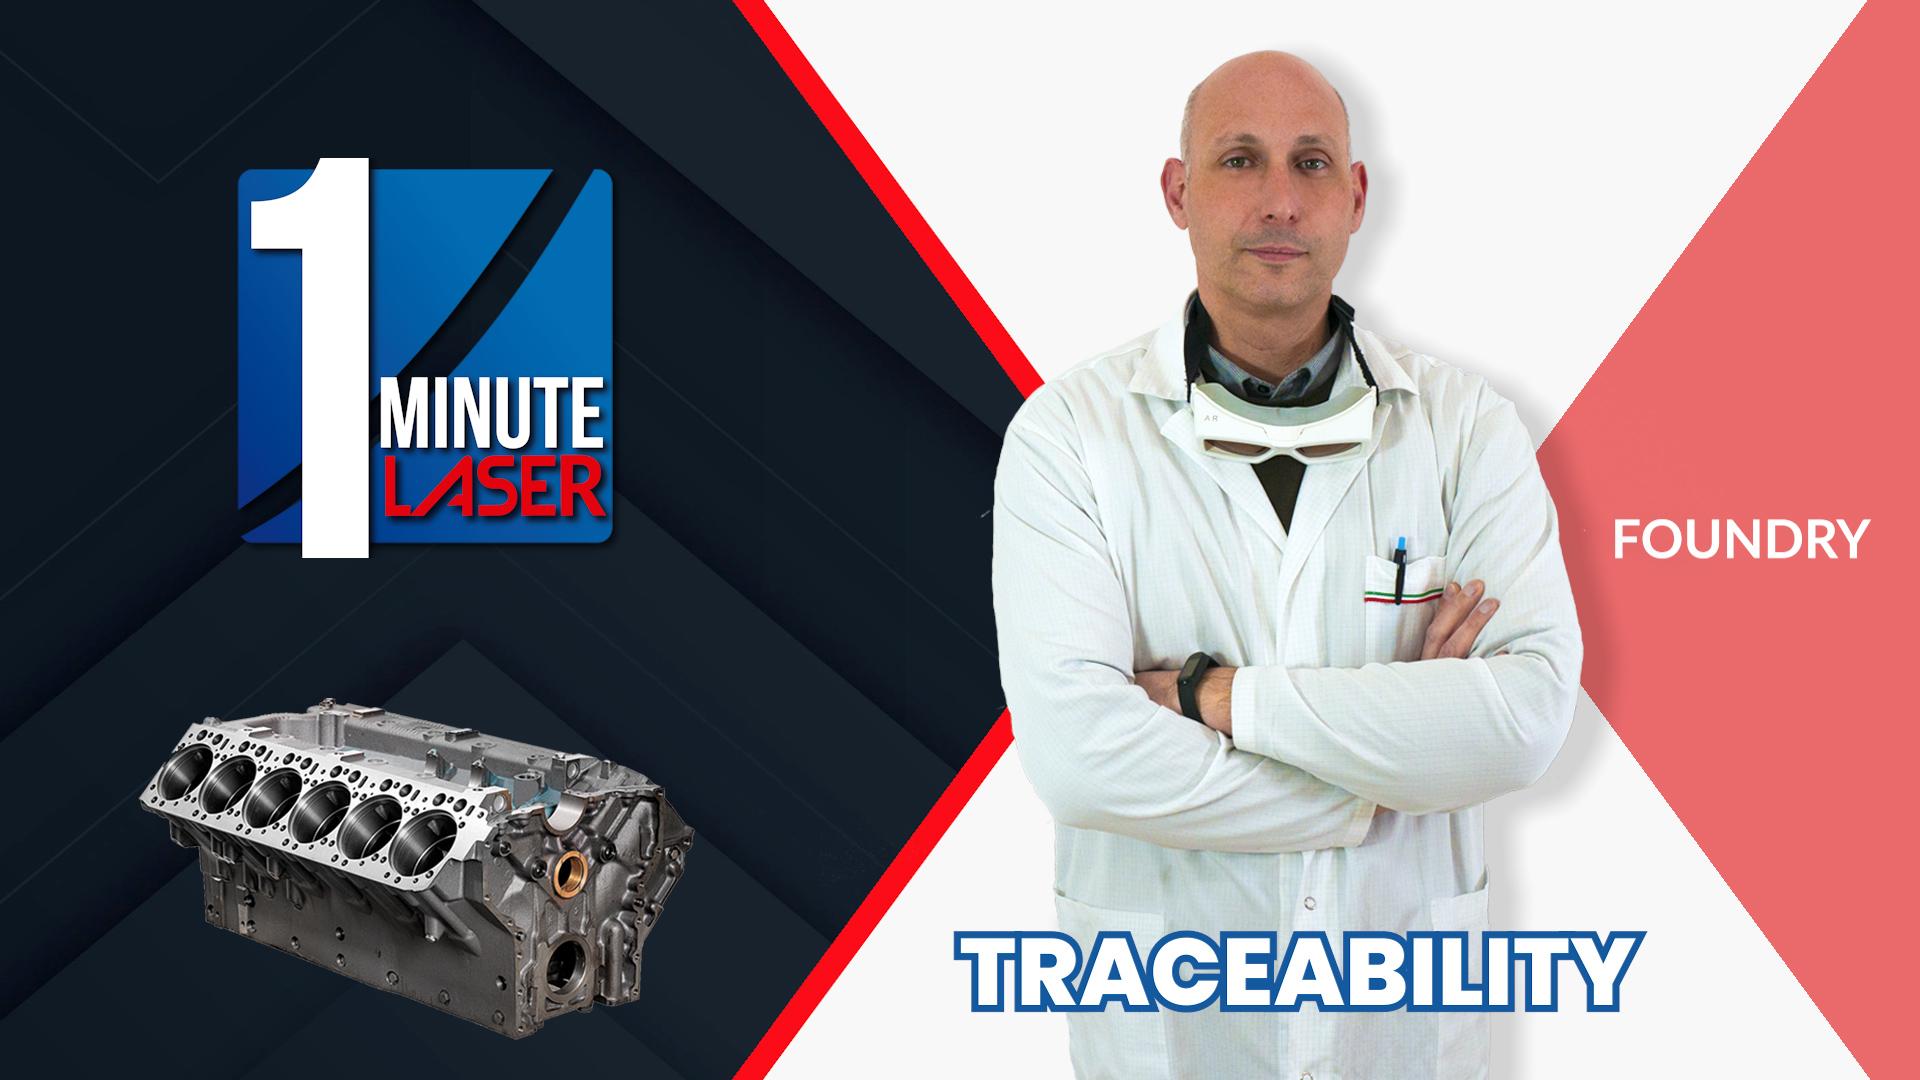 One-Minute-Laser-1-Traceability-1D-e-2D-codes_COPERTINA Fonderia